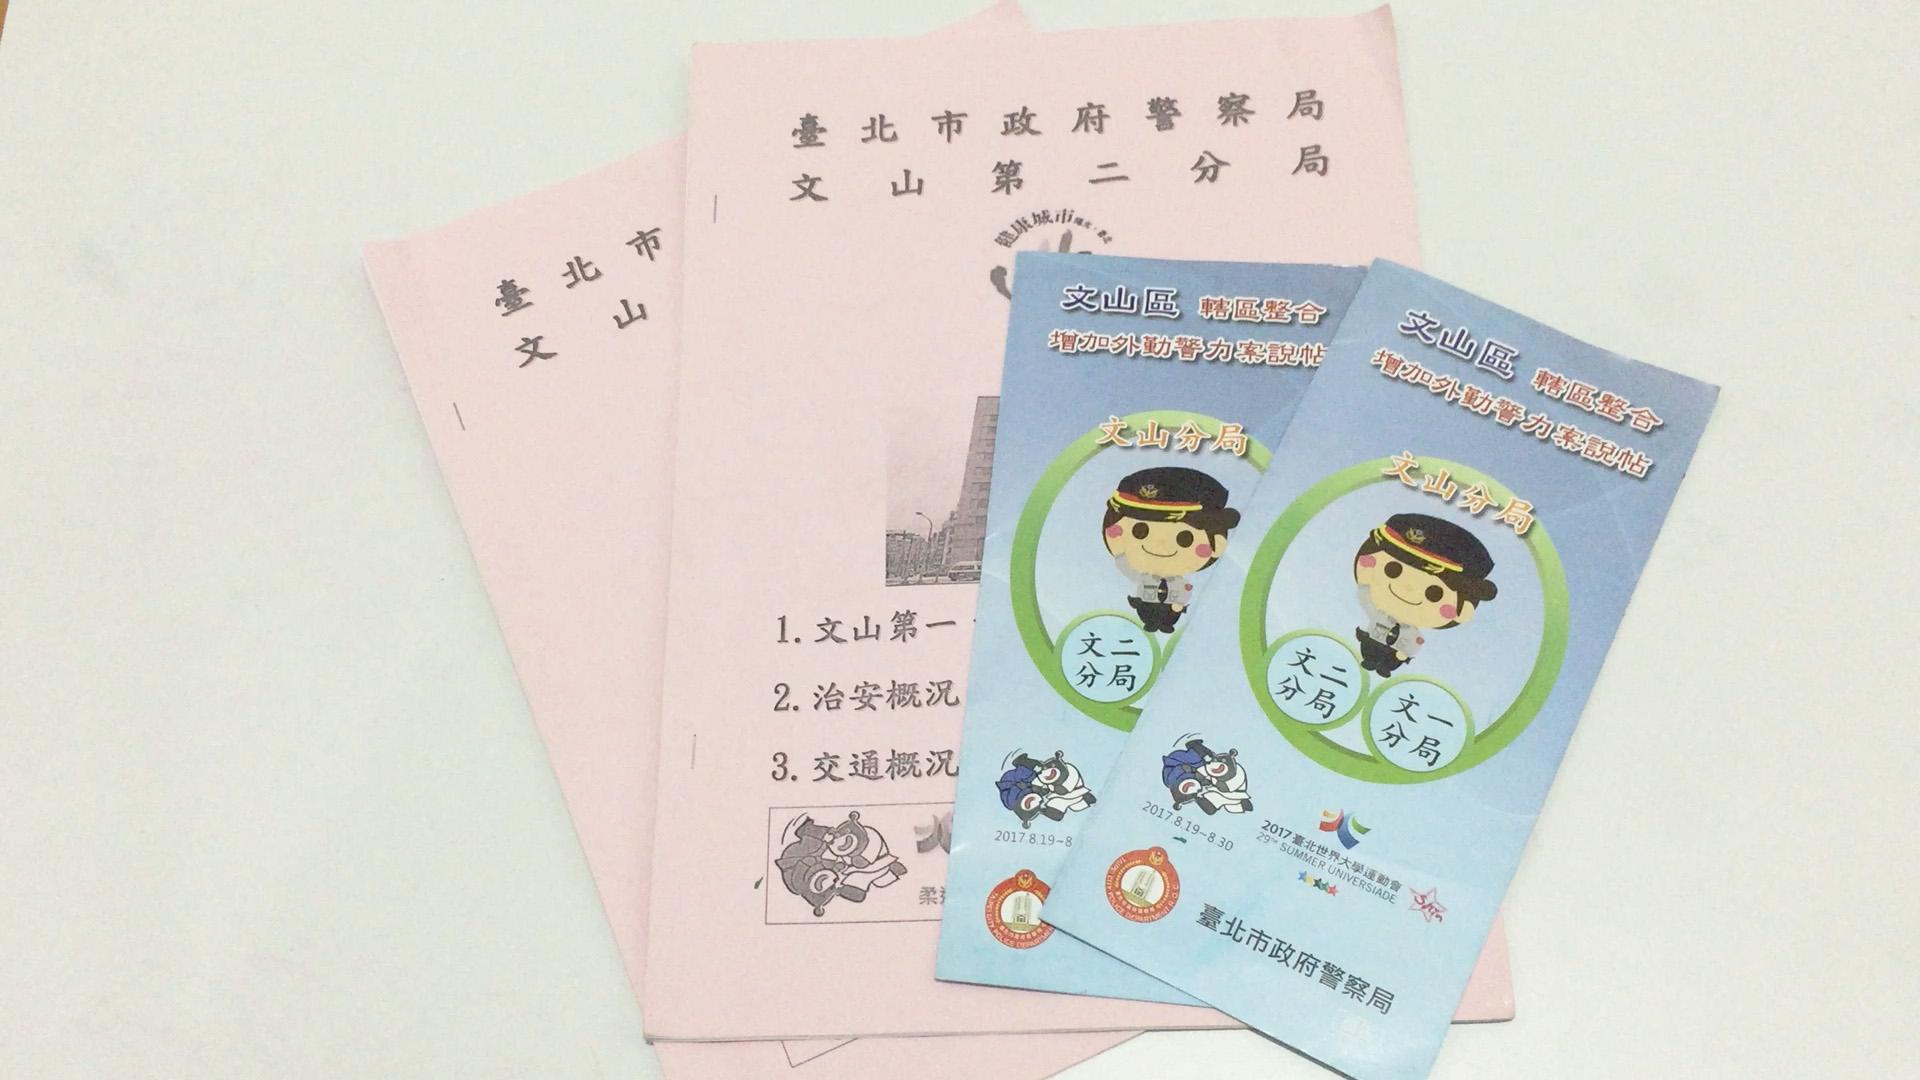 臺北市政府警察局官網上,有文山區轄區整合增加外勤警力案資料專區。文山區警局亦有宣傳說帖,民眾可前往領取。